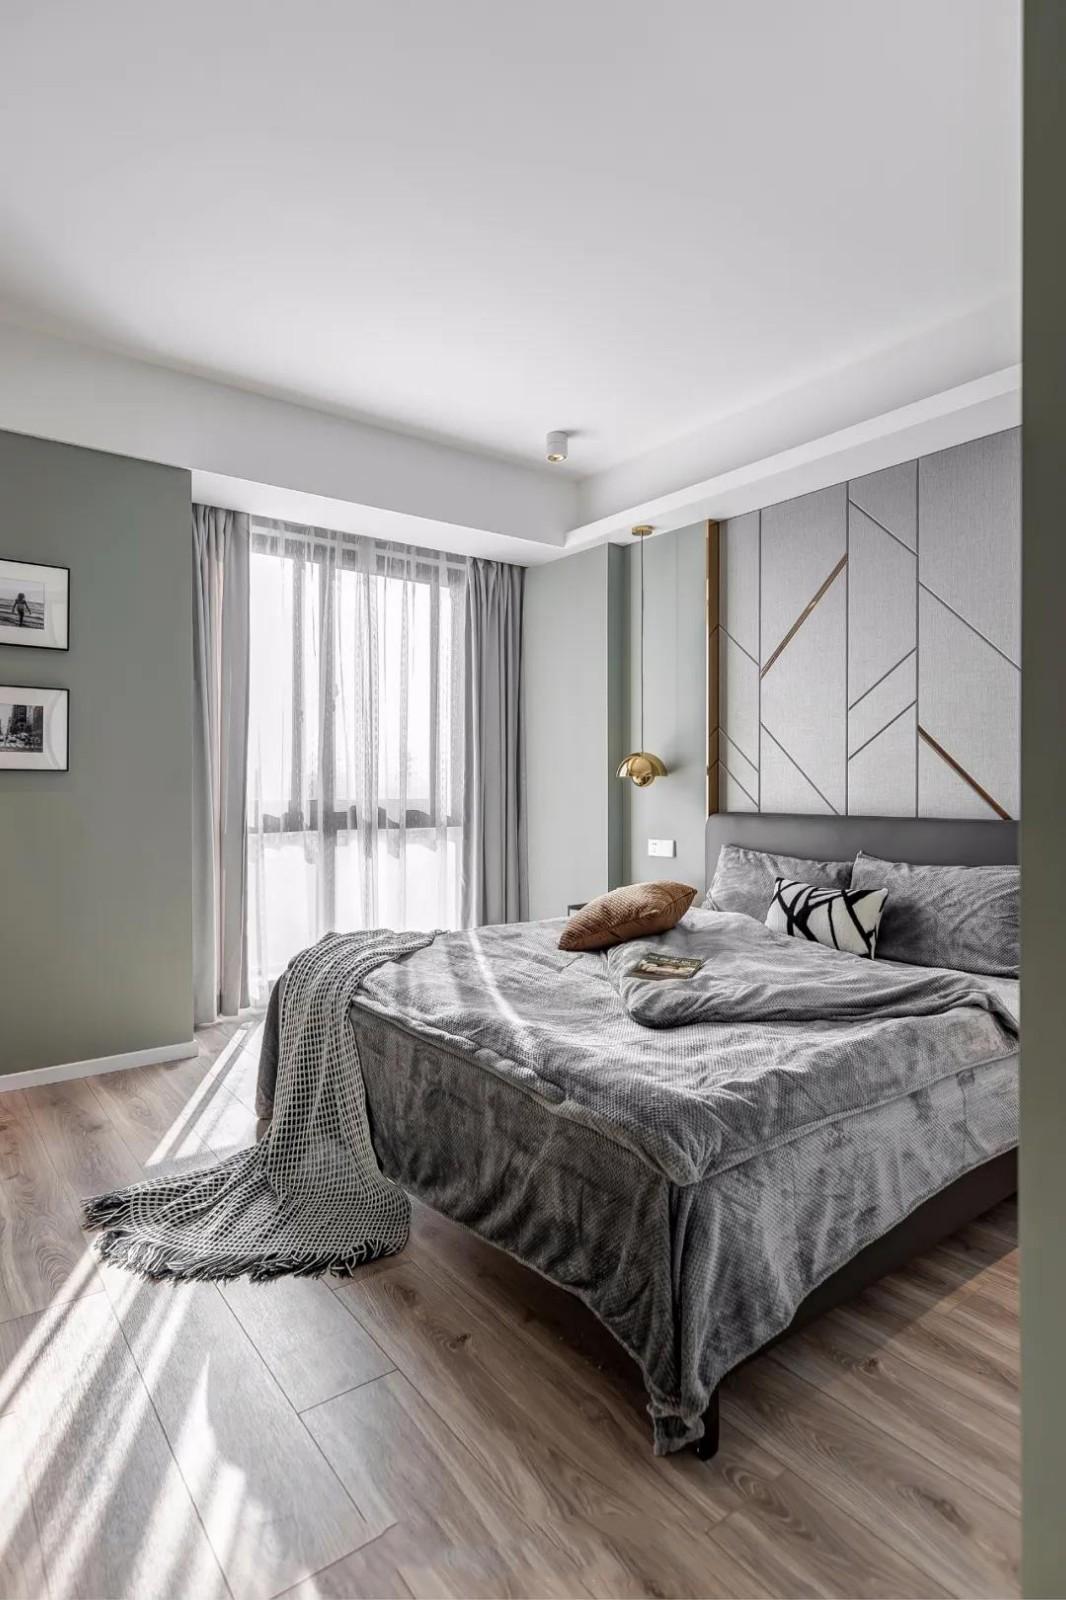 2020簡約臥室裝修設計圖片 2020簡約落地窗圖片